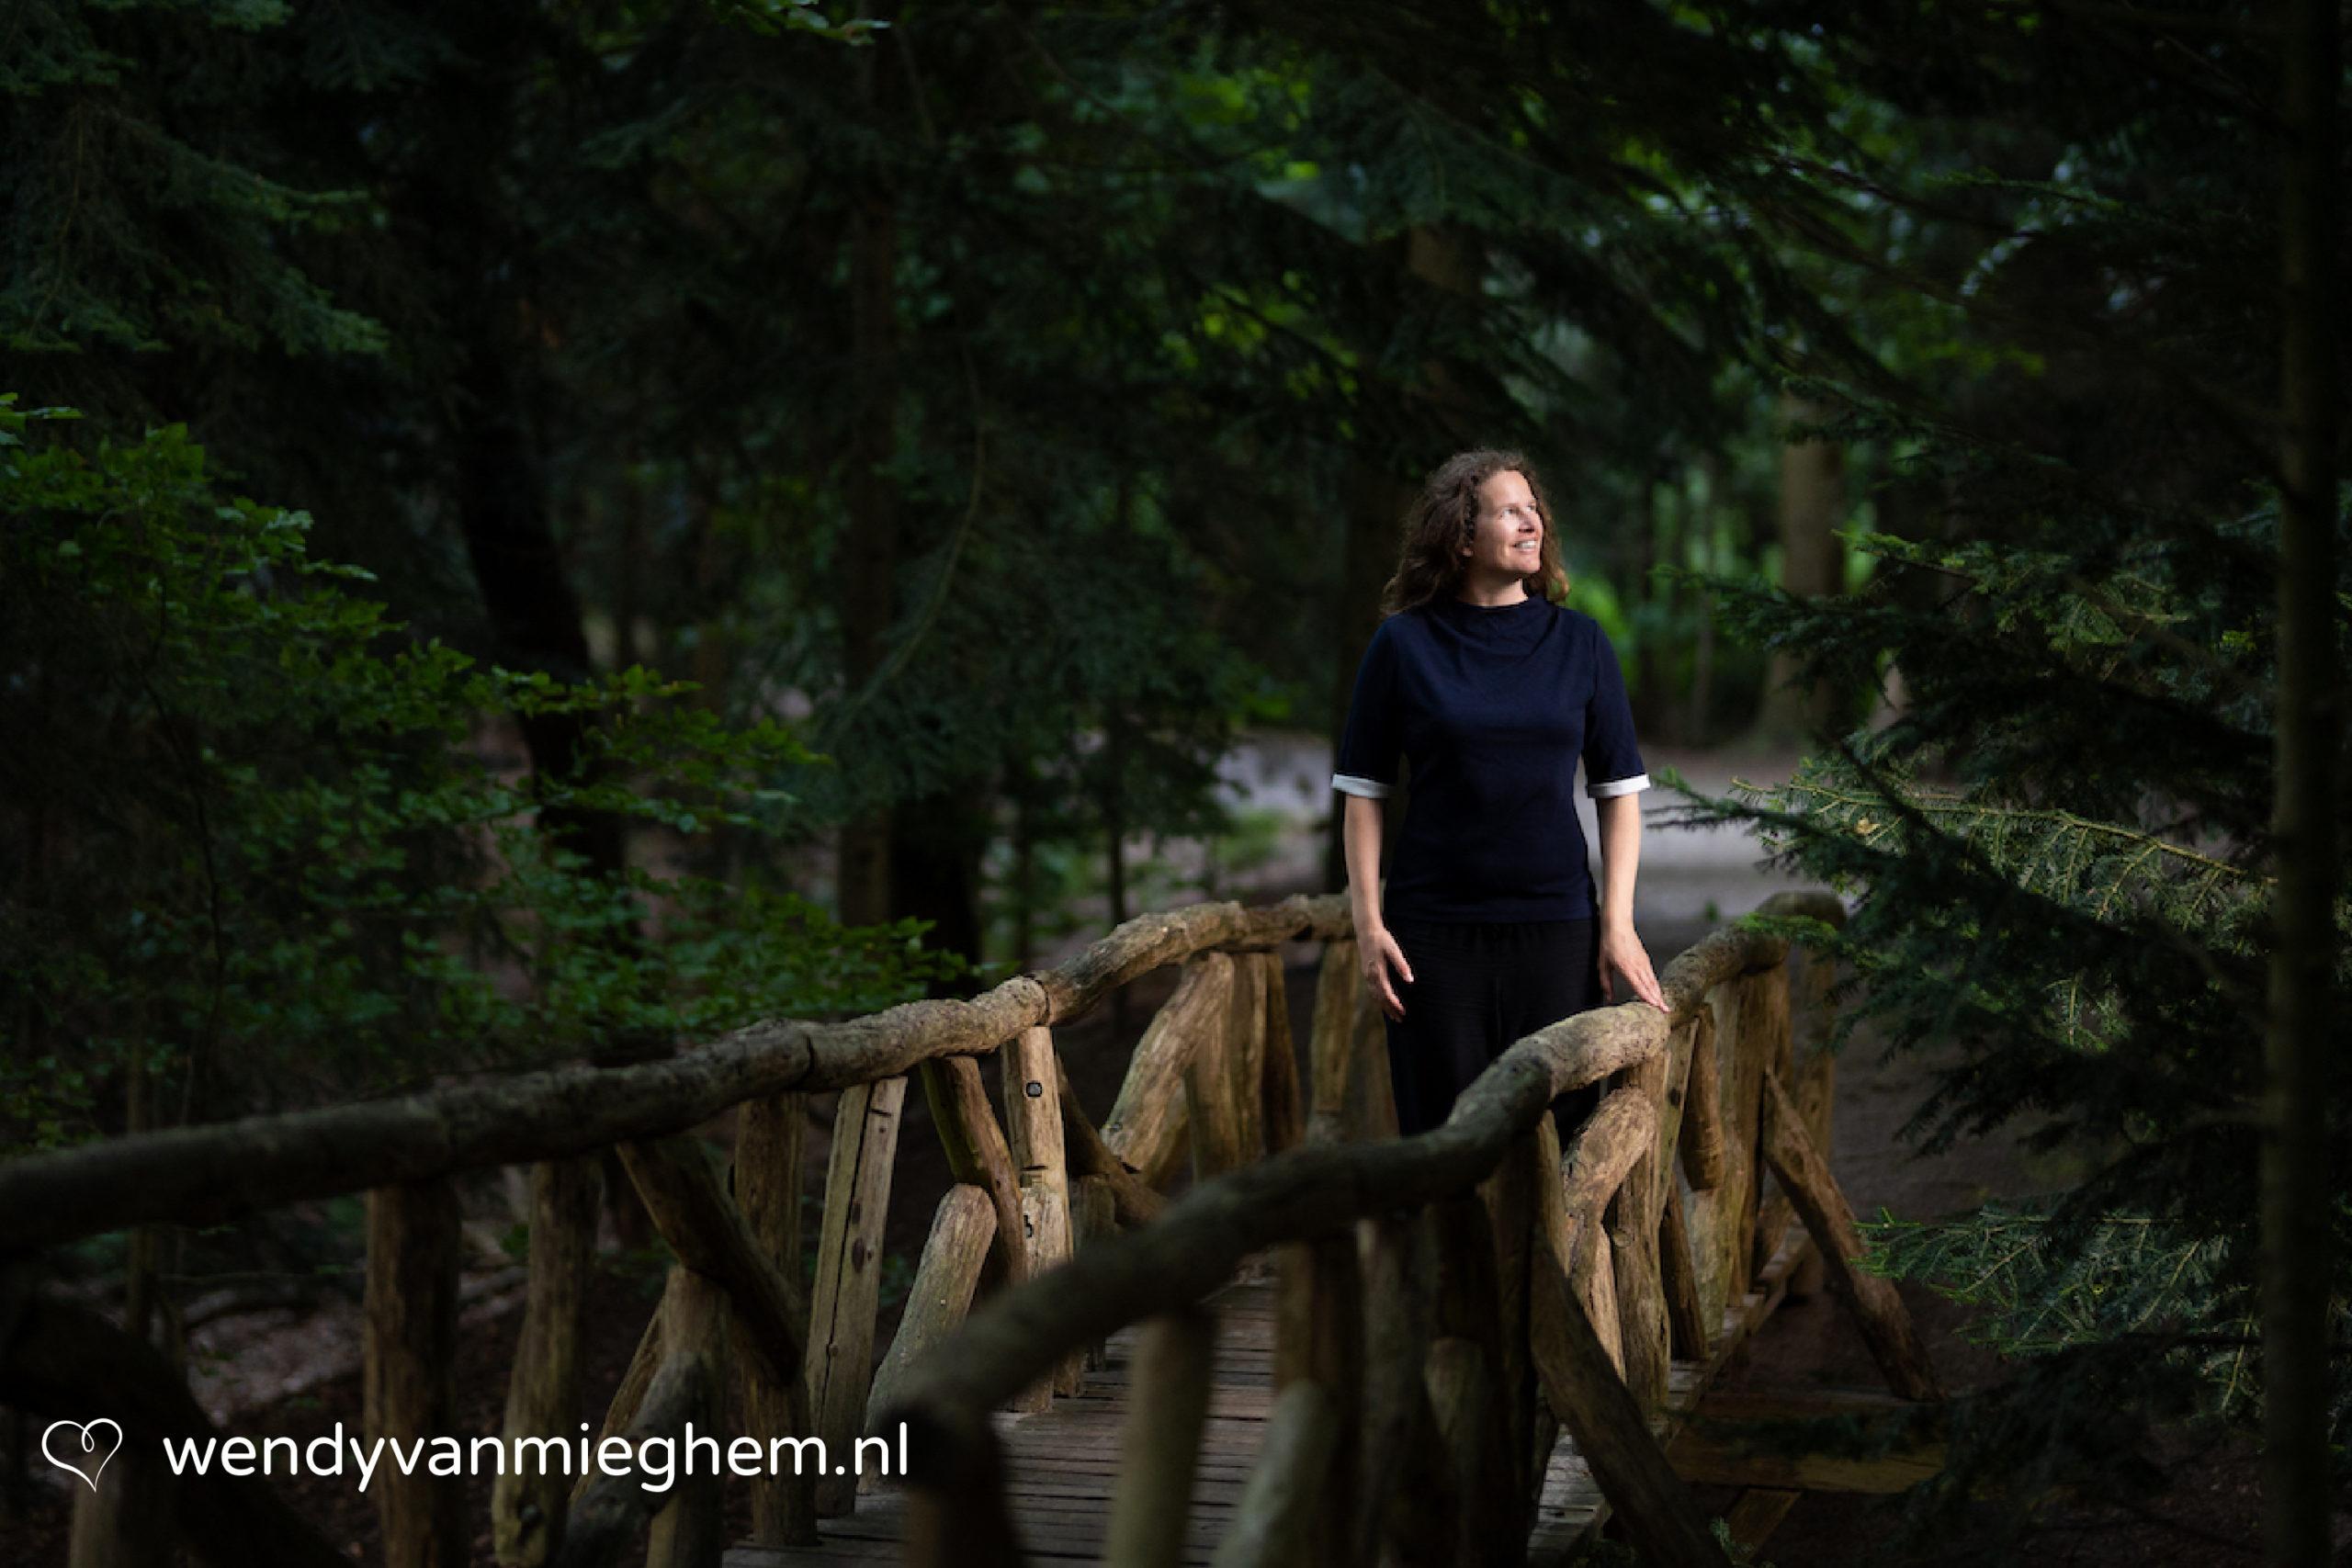 Individuele begeleiding - Wendyvanmieghem.nl